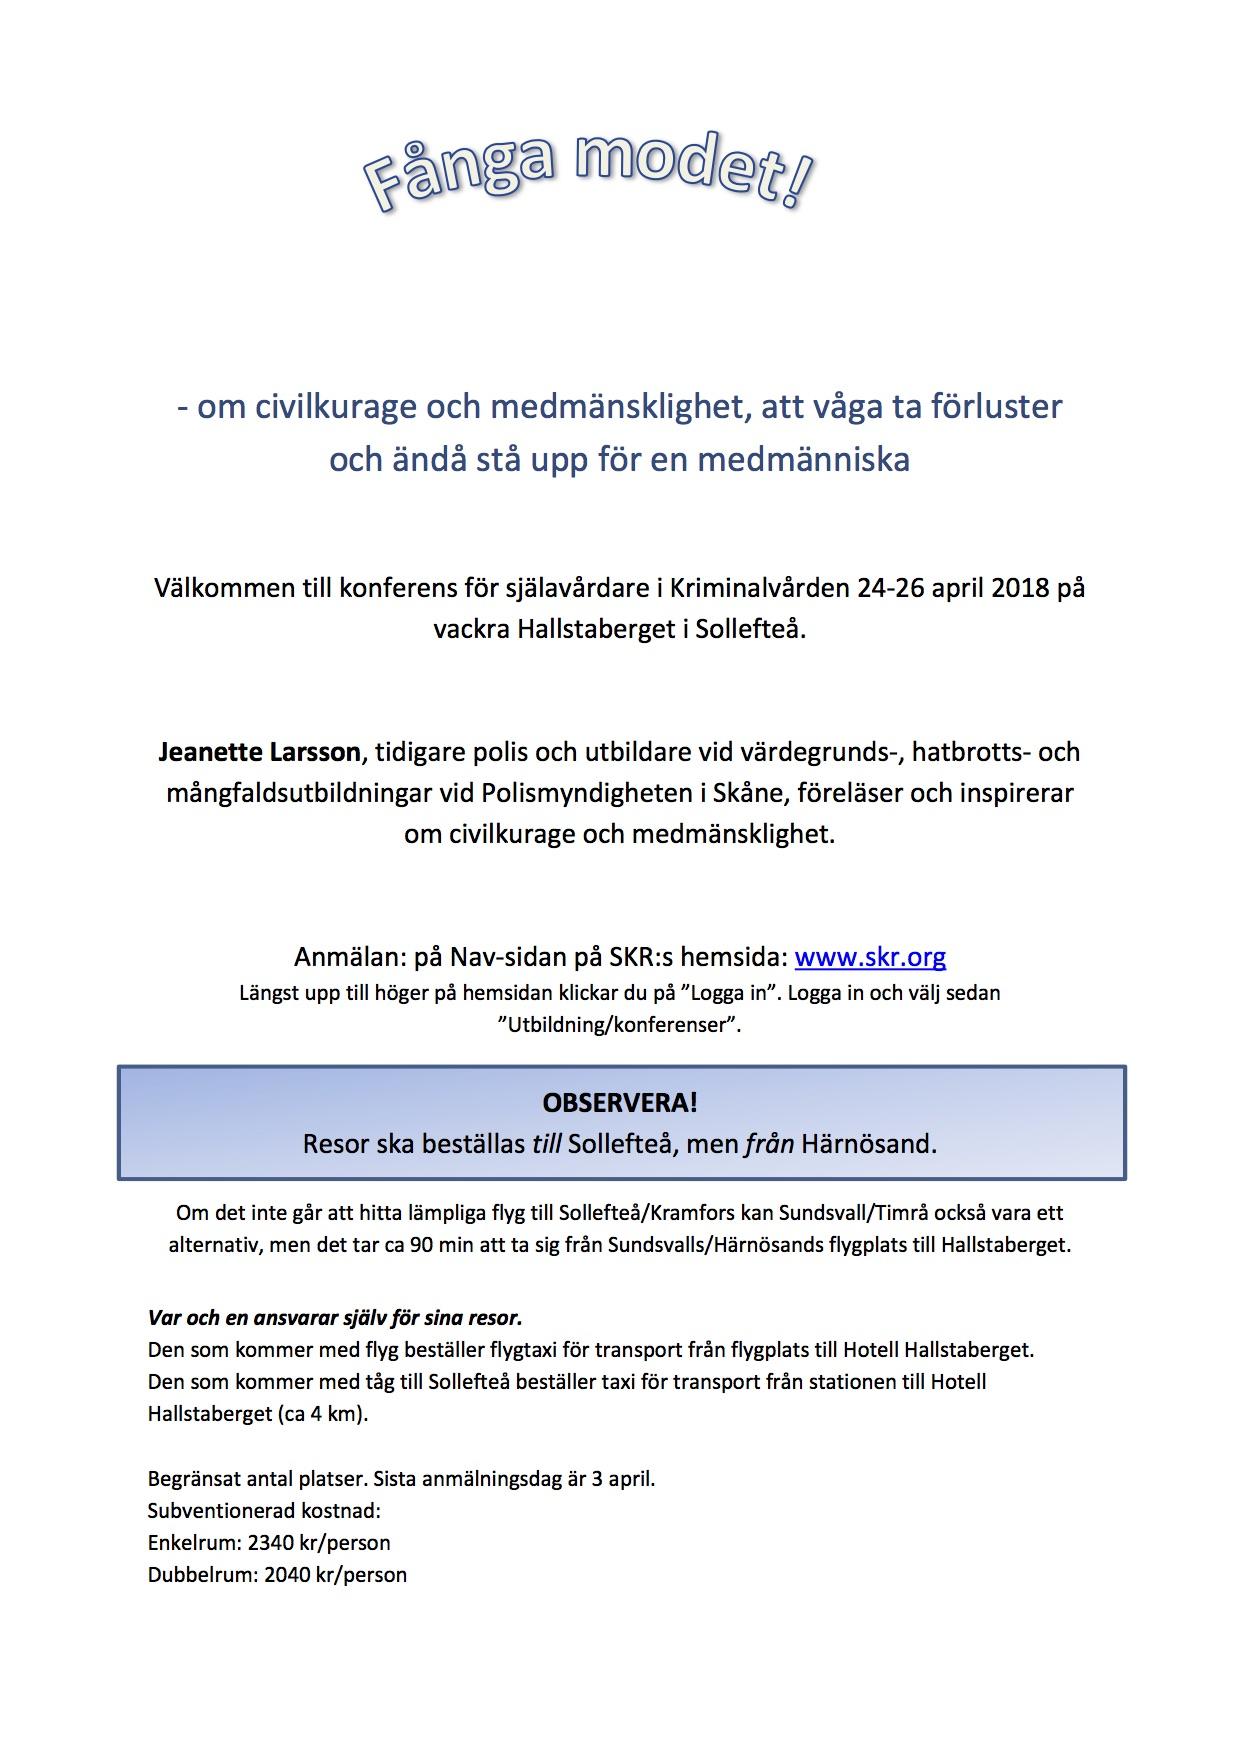 2018-04-24 -- 25, SKR, SiKs Rikskonferens, Hallstaberget i Sollefteå